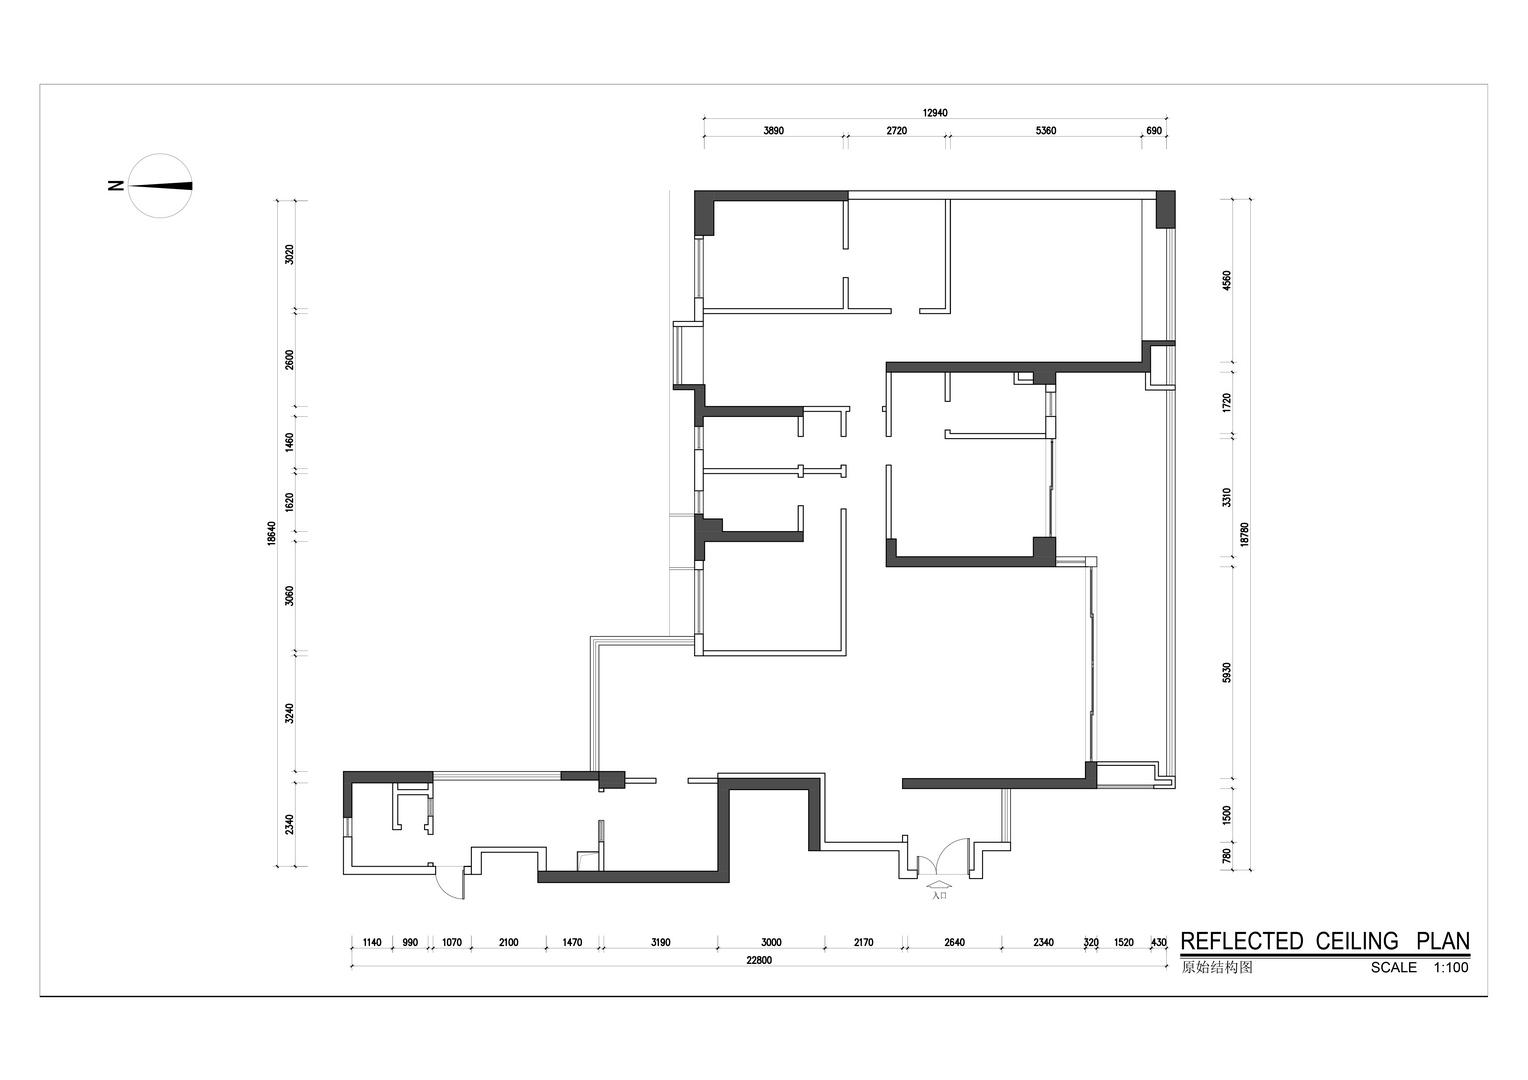 锦绣花园-中式风格案例-280平米四居室装修效果图装修设计理念